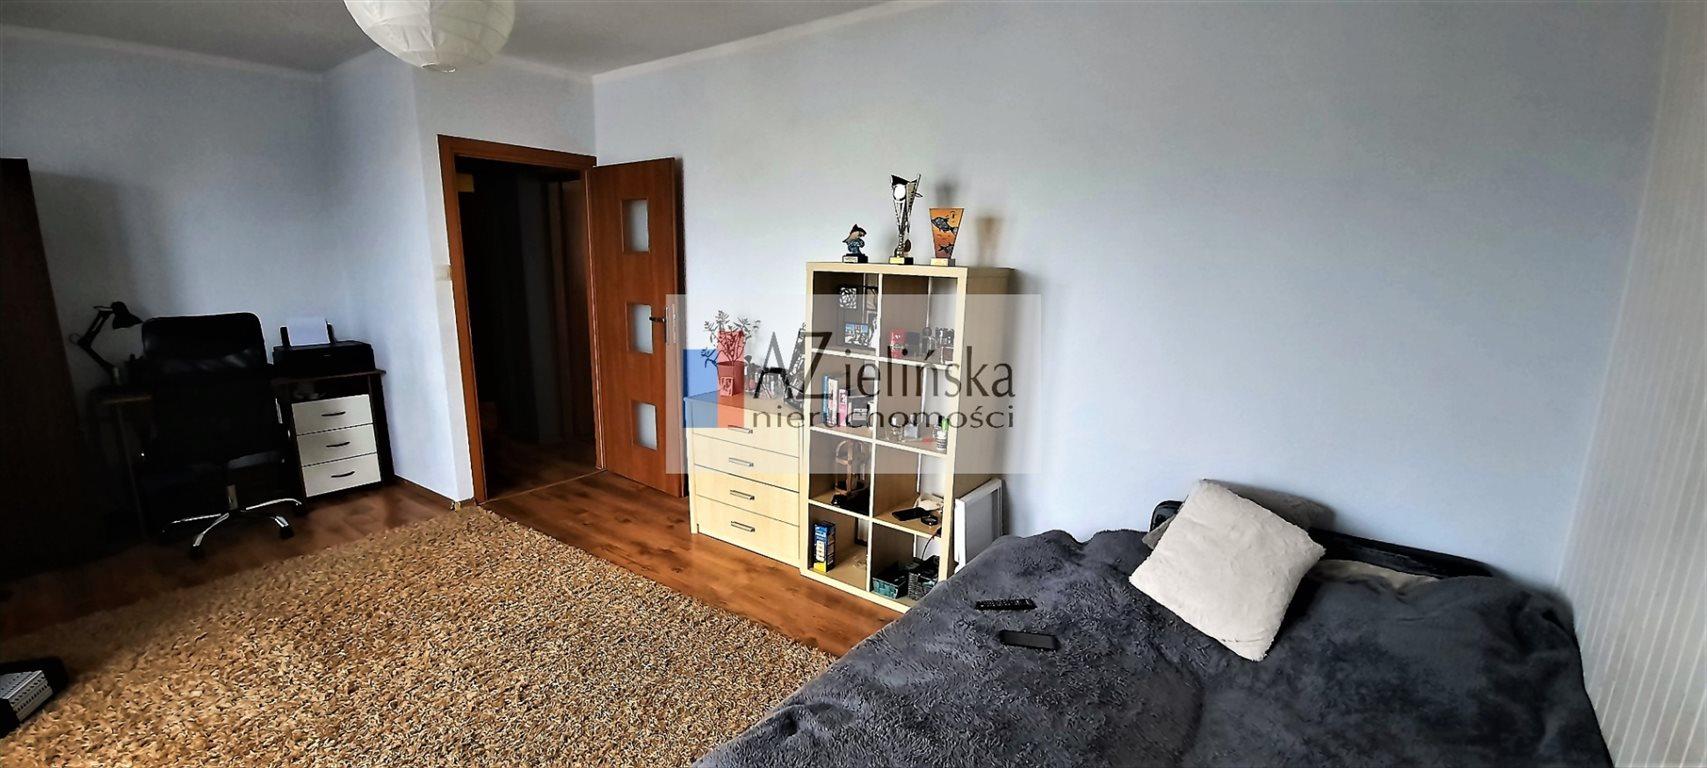 Mieszkanie dwupokojowe na sprzedaż Poznań, Grunwald, Rycerska  59m2 Foto 3